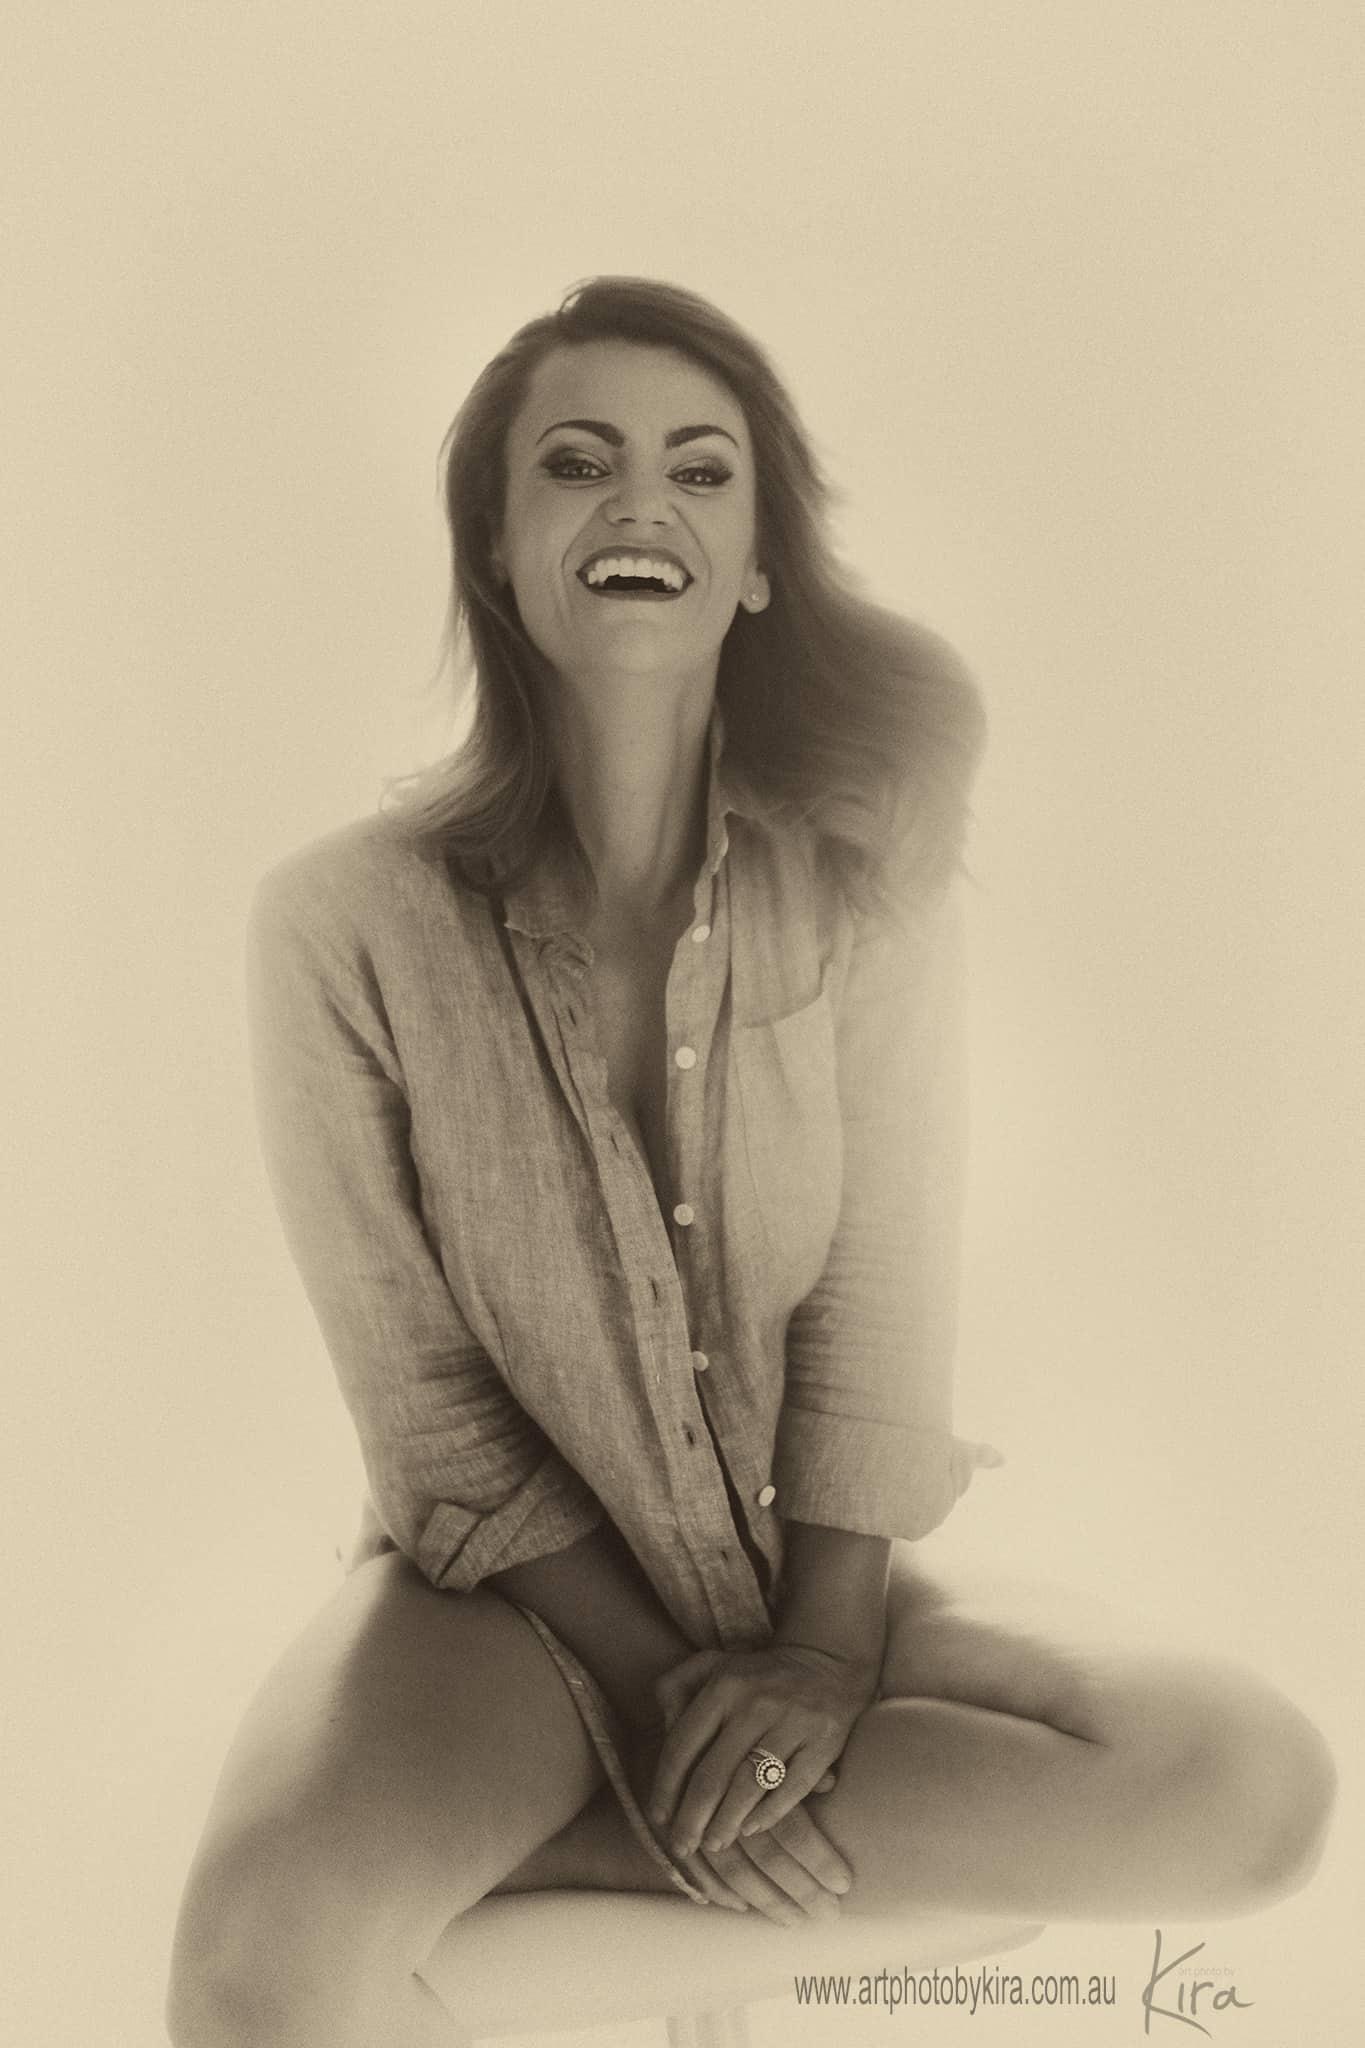 backlit portrait photography